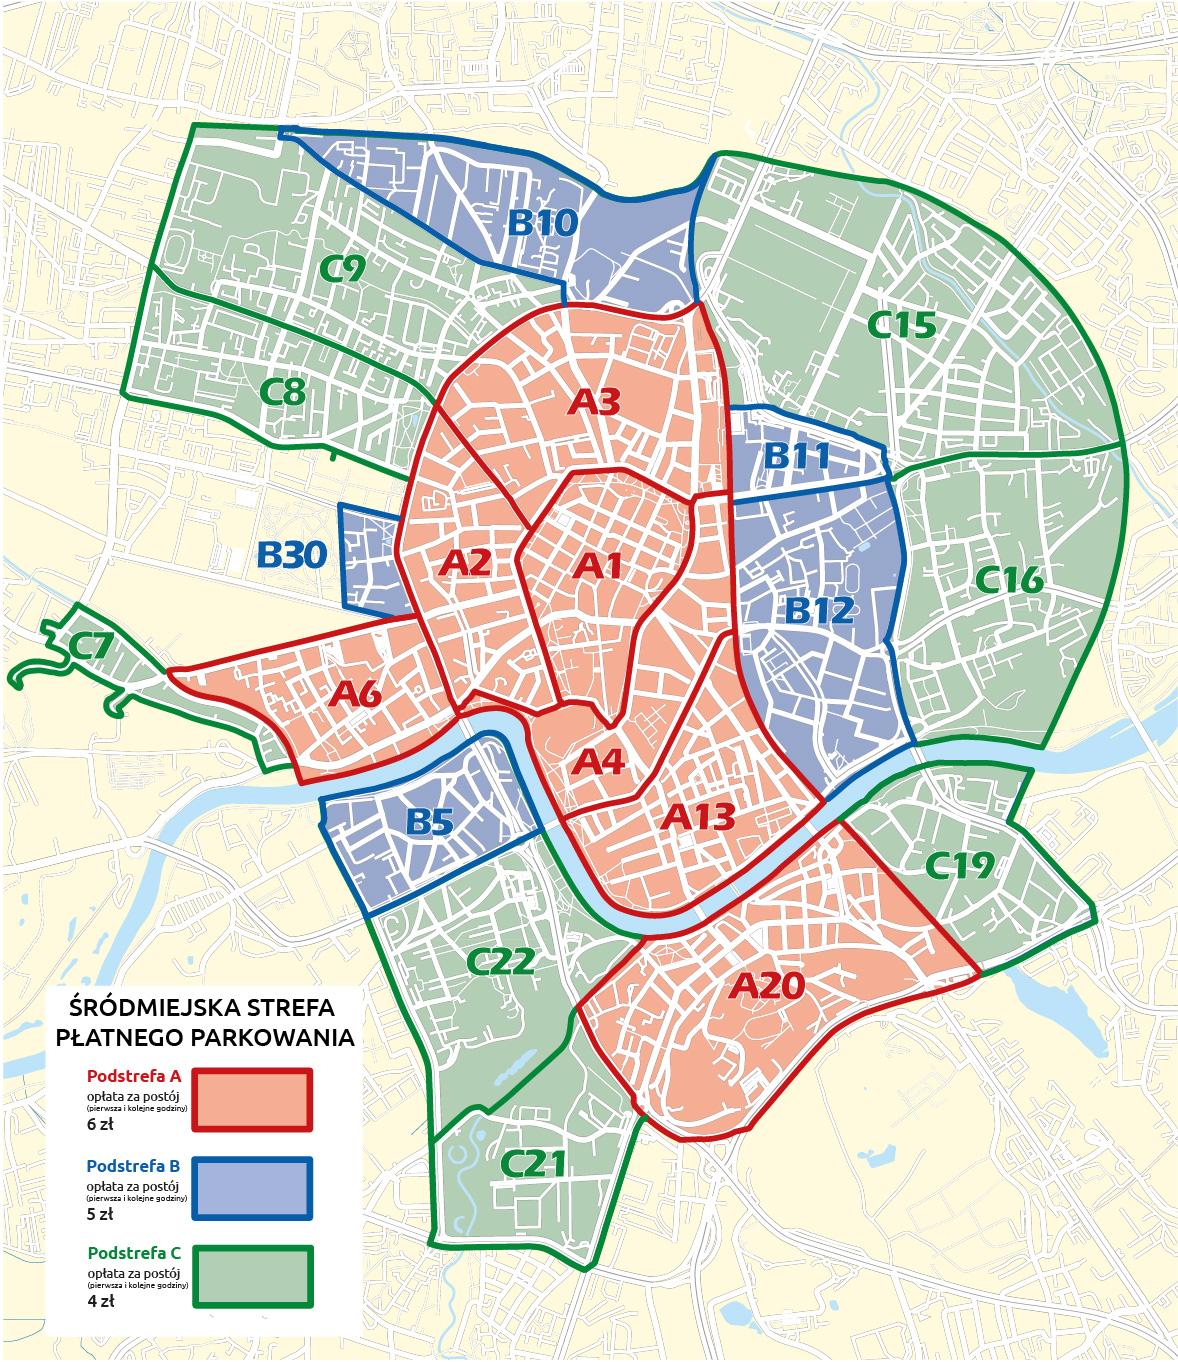 Mapa strefy Płatnego Parkowania w Krakowie - ujednolicenie oznaczeń w strefie